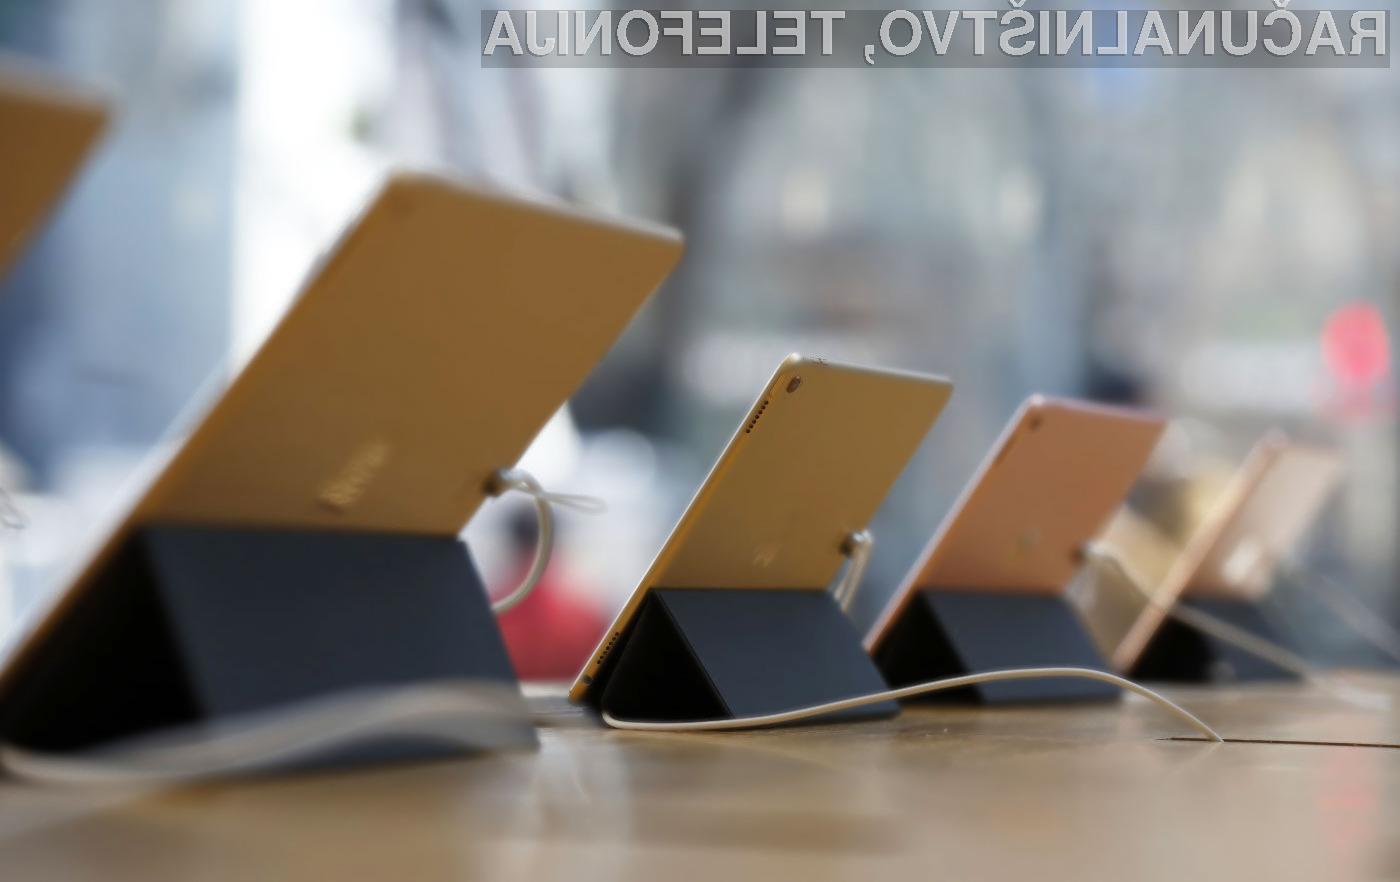 Apple naj bi napako v operacijskem sistemu iOS 9.3.2 odpravil še pred koncem maja.